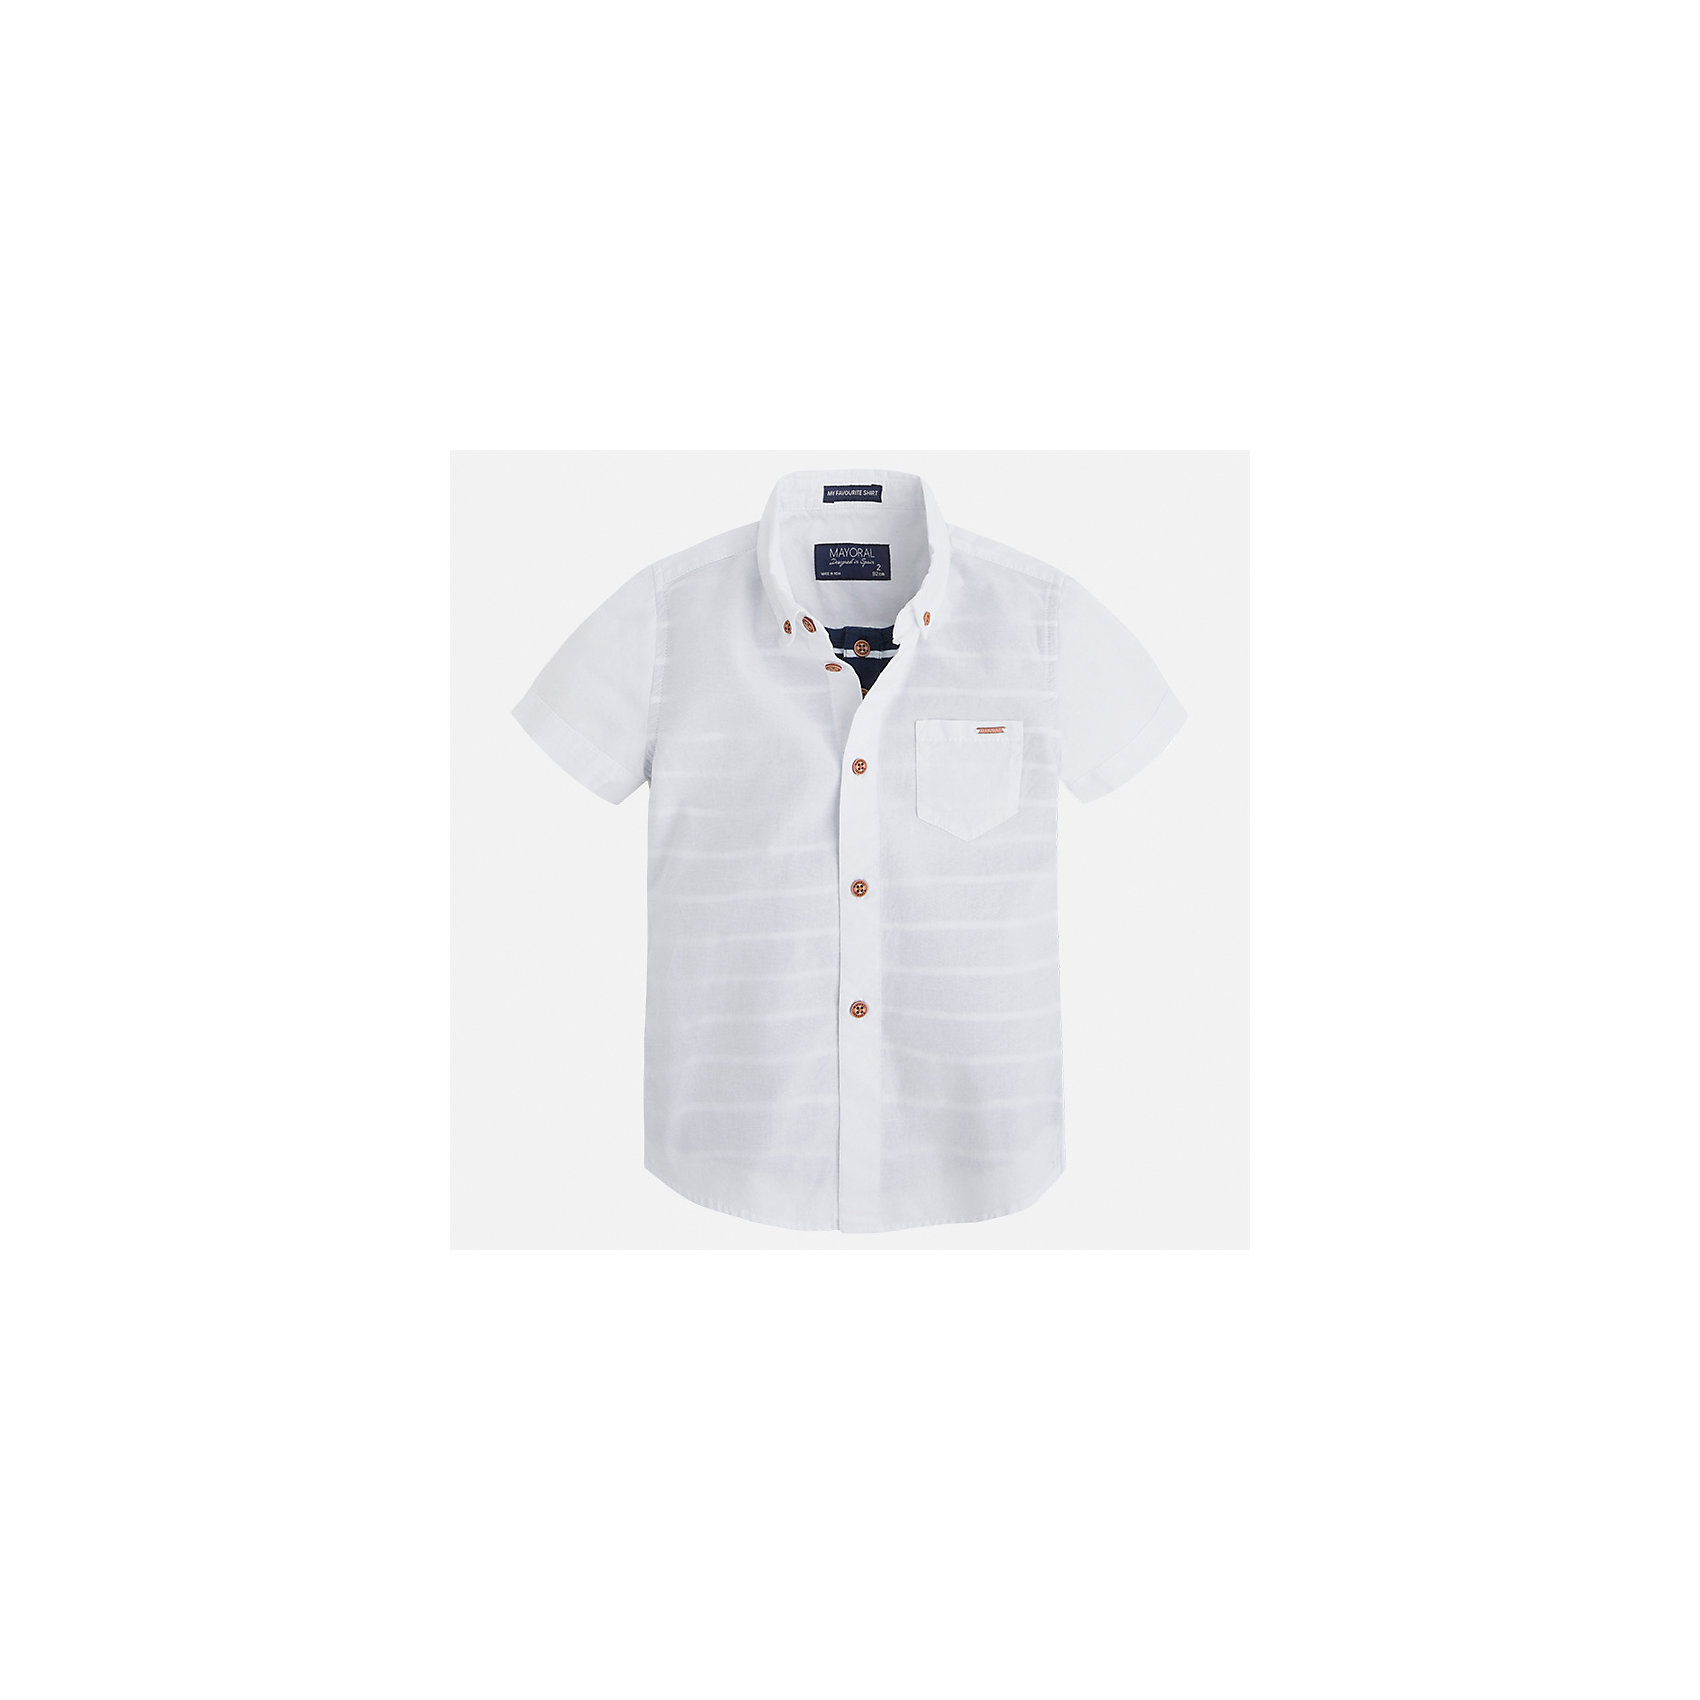 Рубашка для мальчика MayoralБлузки и рубашки<br>Характеристики товара:<br><br>• цвет: белый<br>• состав: 100% хлопок<br>• отложной воротник<br>• короткие рукава<br>• застежка: пуговицы<br>• карман на груди<br>• страна бренда: Испания<br><br>Стильная рубашка для мальчика может стать базовой вещью в гардеробе ребенка. Она отлично сочетается с брюками, шортами, джинсами и т.д. Универсальный крой и цвет позволяет подобрать к вещи низ разных расцветок. Практичное и стильное изделие! В составе материала - только натуральный хлопок, гипоаллергенный, приятный на ощупь, дышащий.<br><br>Одежда, обувь и аксессуары от испанского бренда Mayoral полюбились детям и взрослым по всему миру. Модели этой марки - стильные и удобные. Для их производства используются только безопасные, качественные материалы и фурнитура. Порадуйте ребенка модными и красивыми вещами от Mayoral! <br><br>Рубашку для мальчика от испанского бренда Mayoral (Майорал) можно купить в нашем интернет-магазине.<br><br>Ширина мм: 174<br>Глубина мм: 10<br>Высота мм: 169<br>Вес г: 157<br>Цвет: белый<br>Возраст от месяцев: 36<br>Возраст до месяцев: 48<br>Пол: Мужской<br>Возраст: Детский<br>Размер: 104,134,128,122,116,110,98,92<br>SKU: 5272306